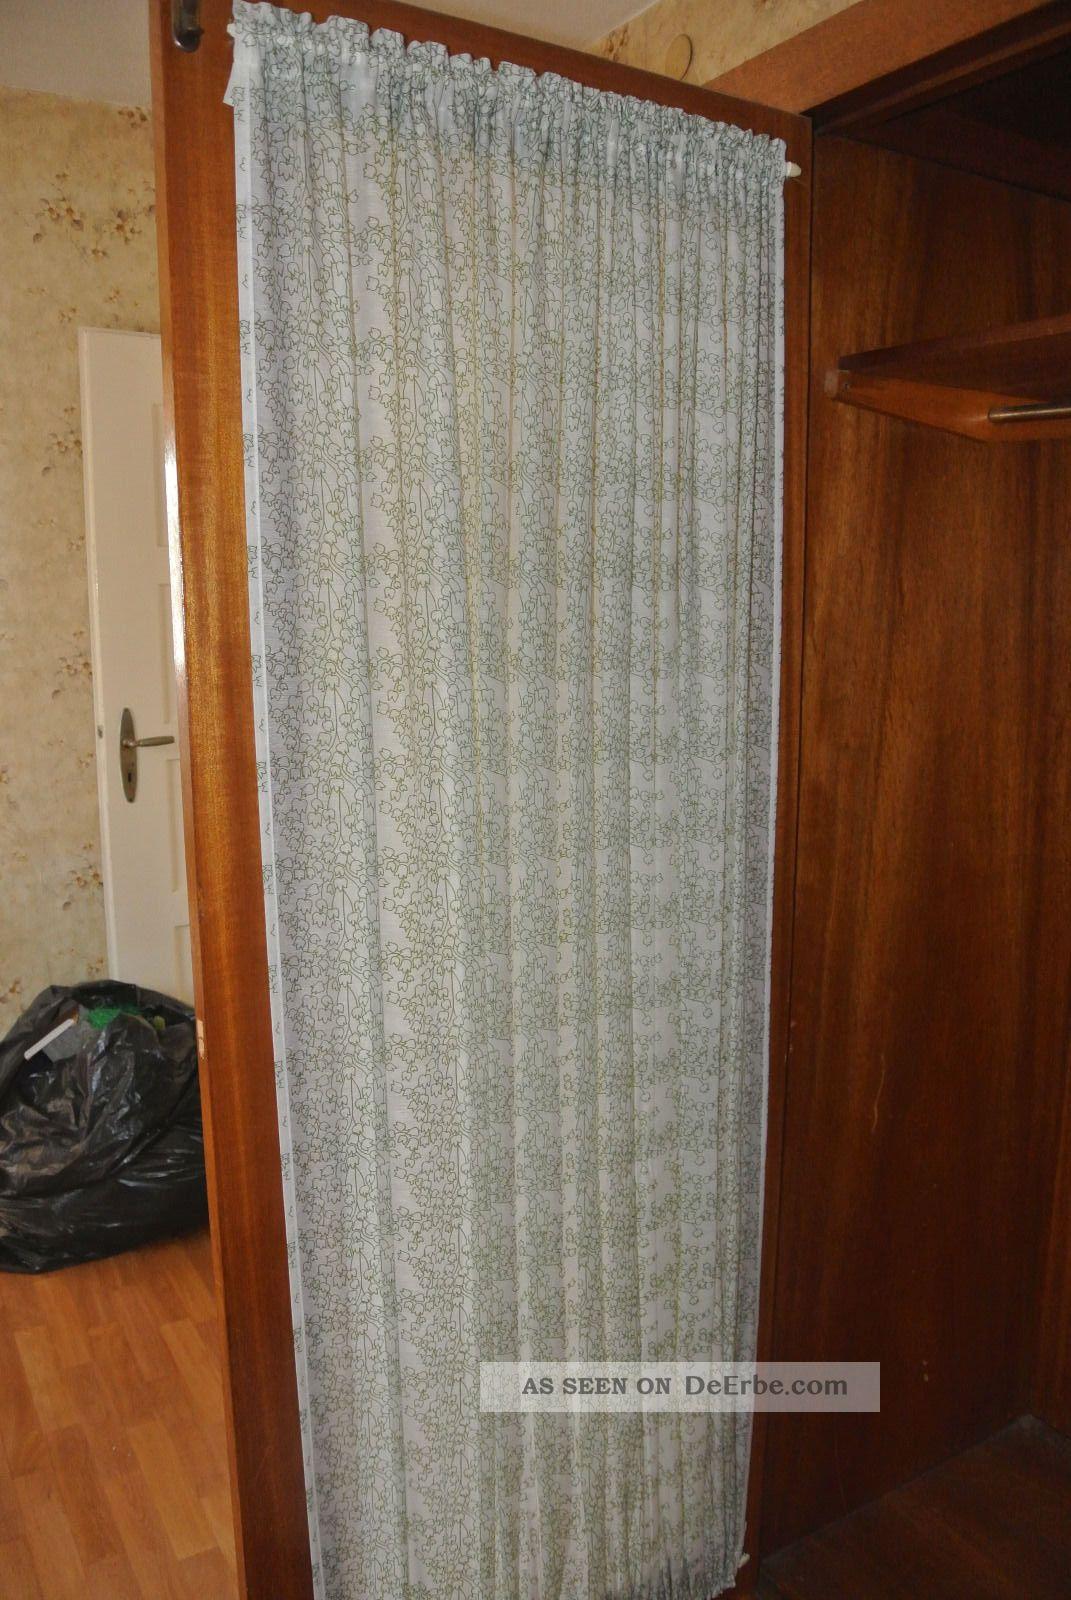 Schon Antikes Schlafzimmer: Wohnzimmer Antikes Rosa 022 Haus Design Ideen.